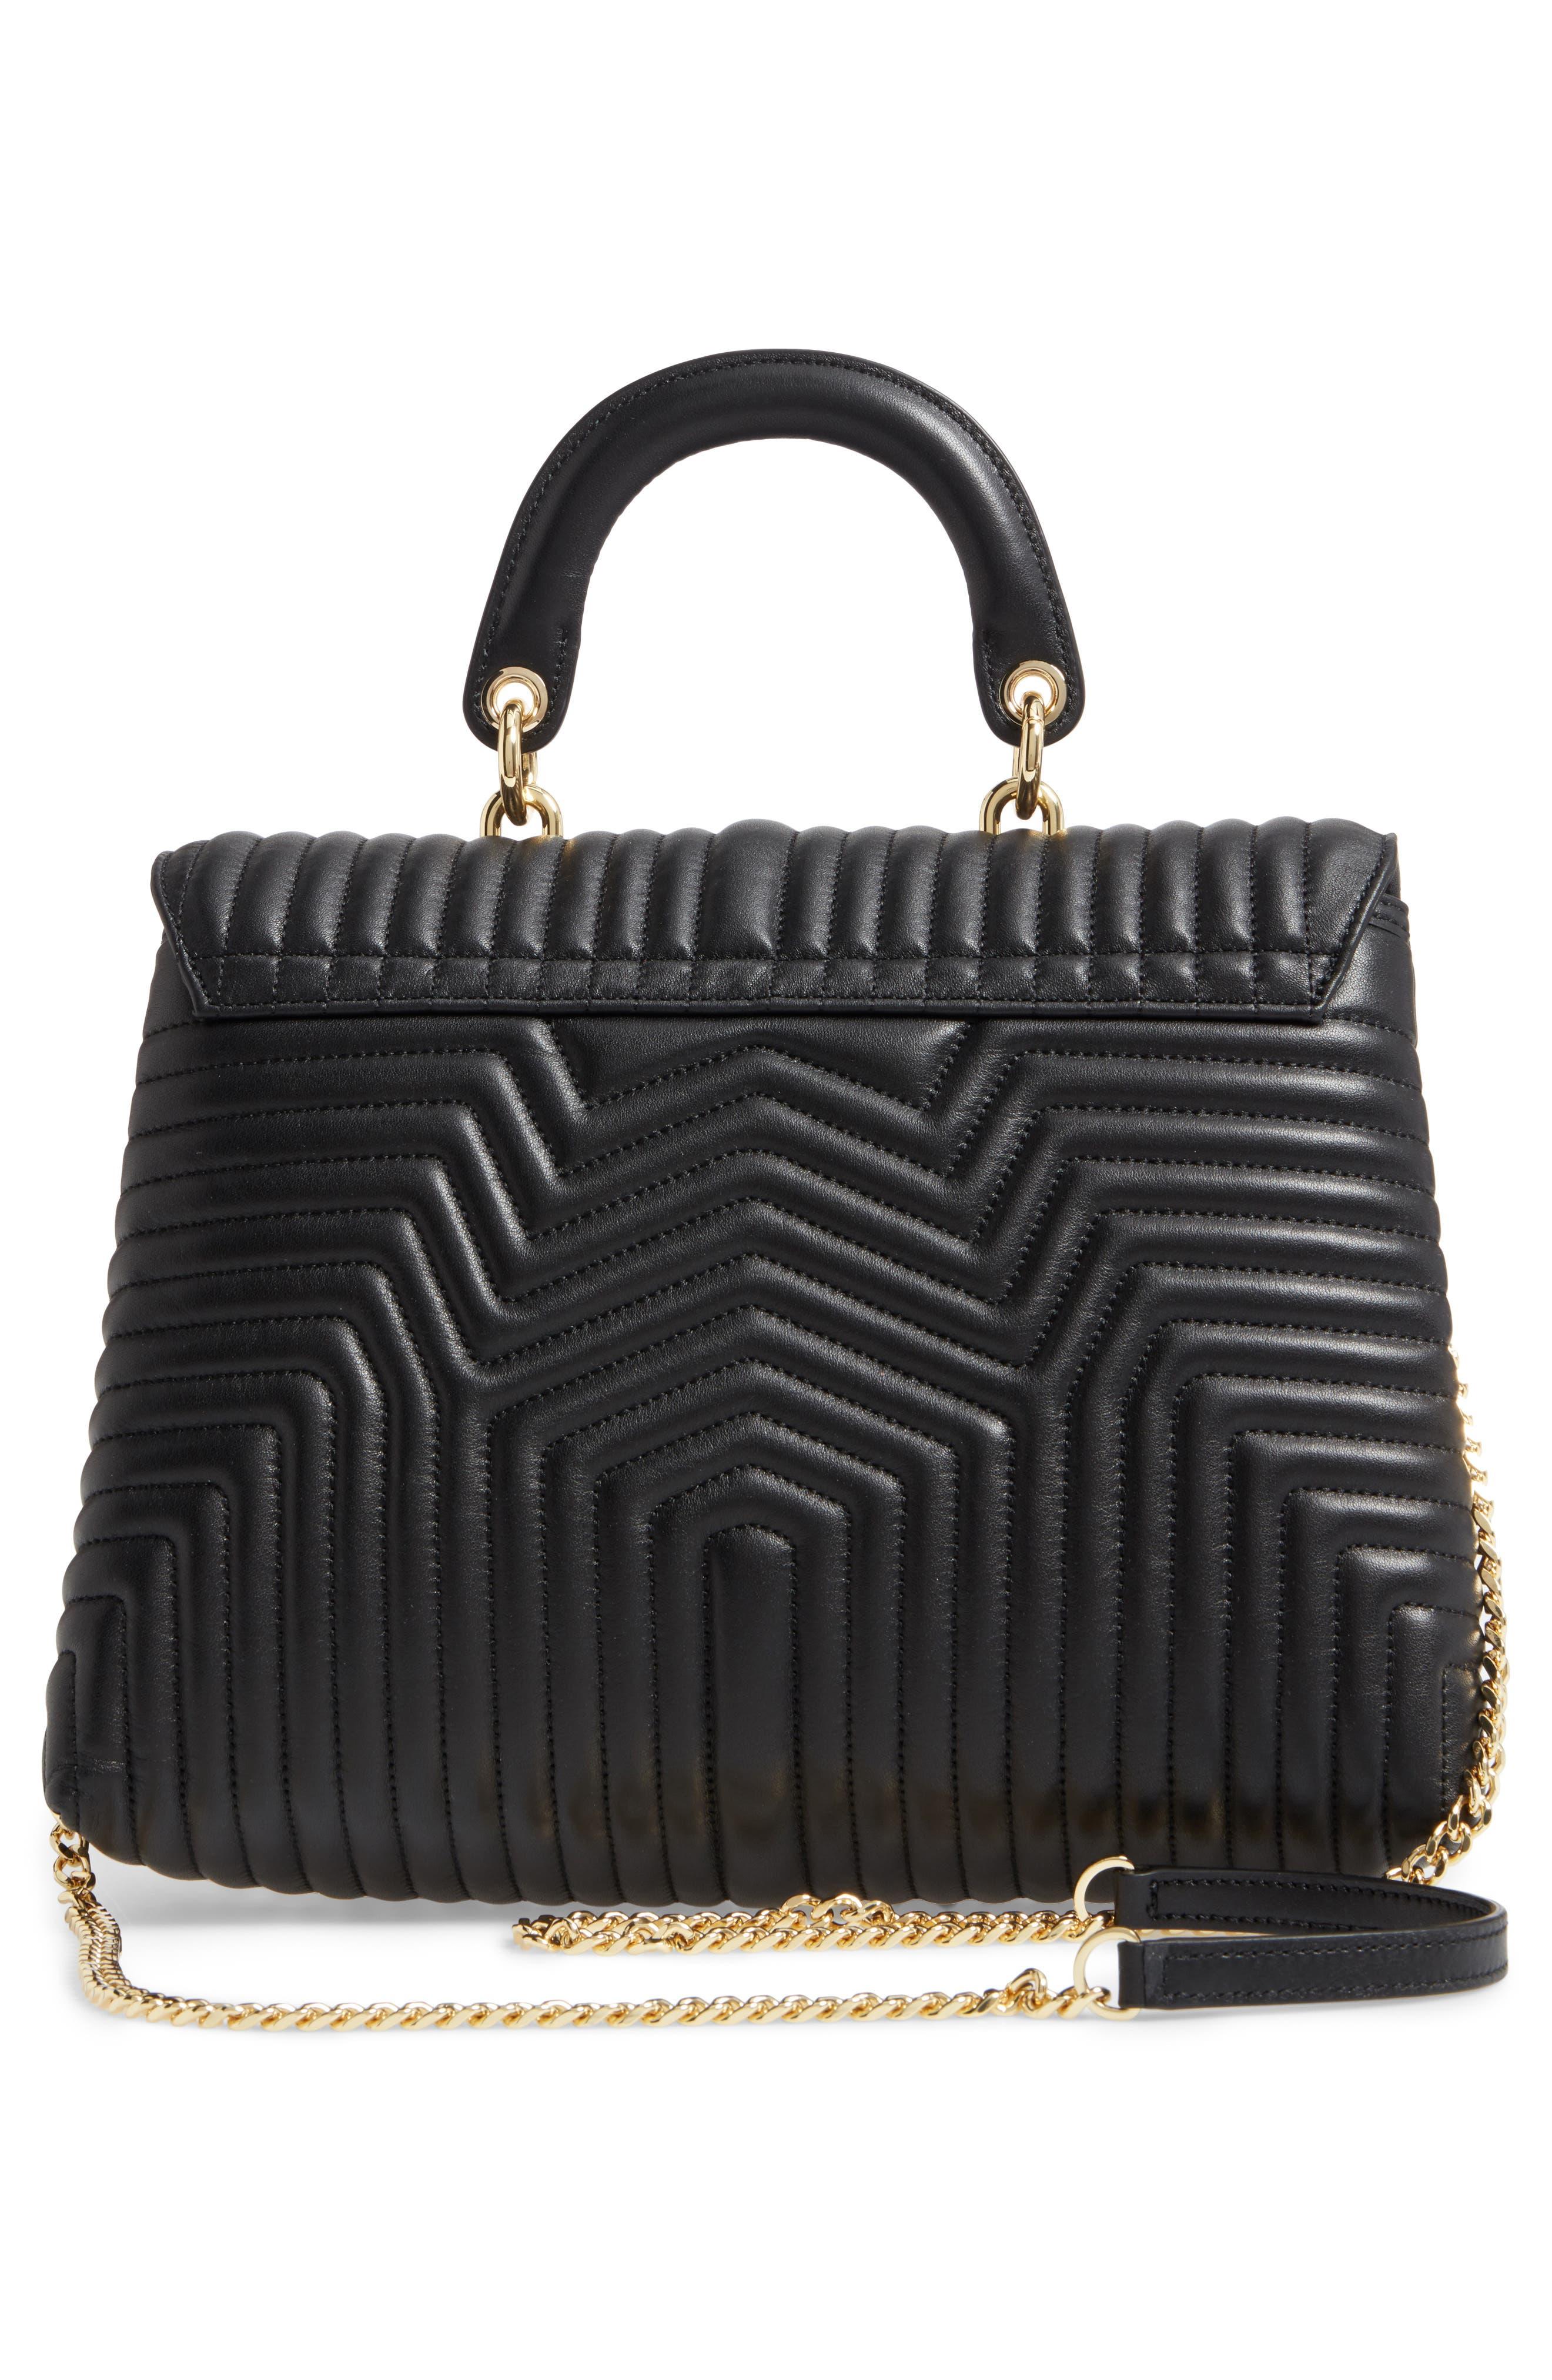 Vivida Quilted Leather Shoulder Bag,                             Alternate thumbnail 2, color,                             Black